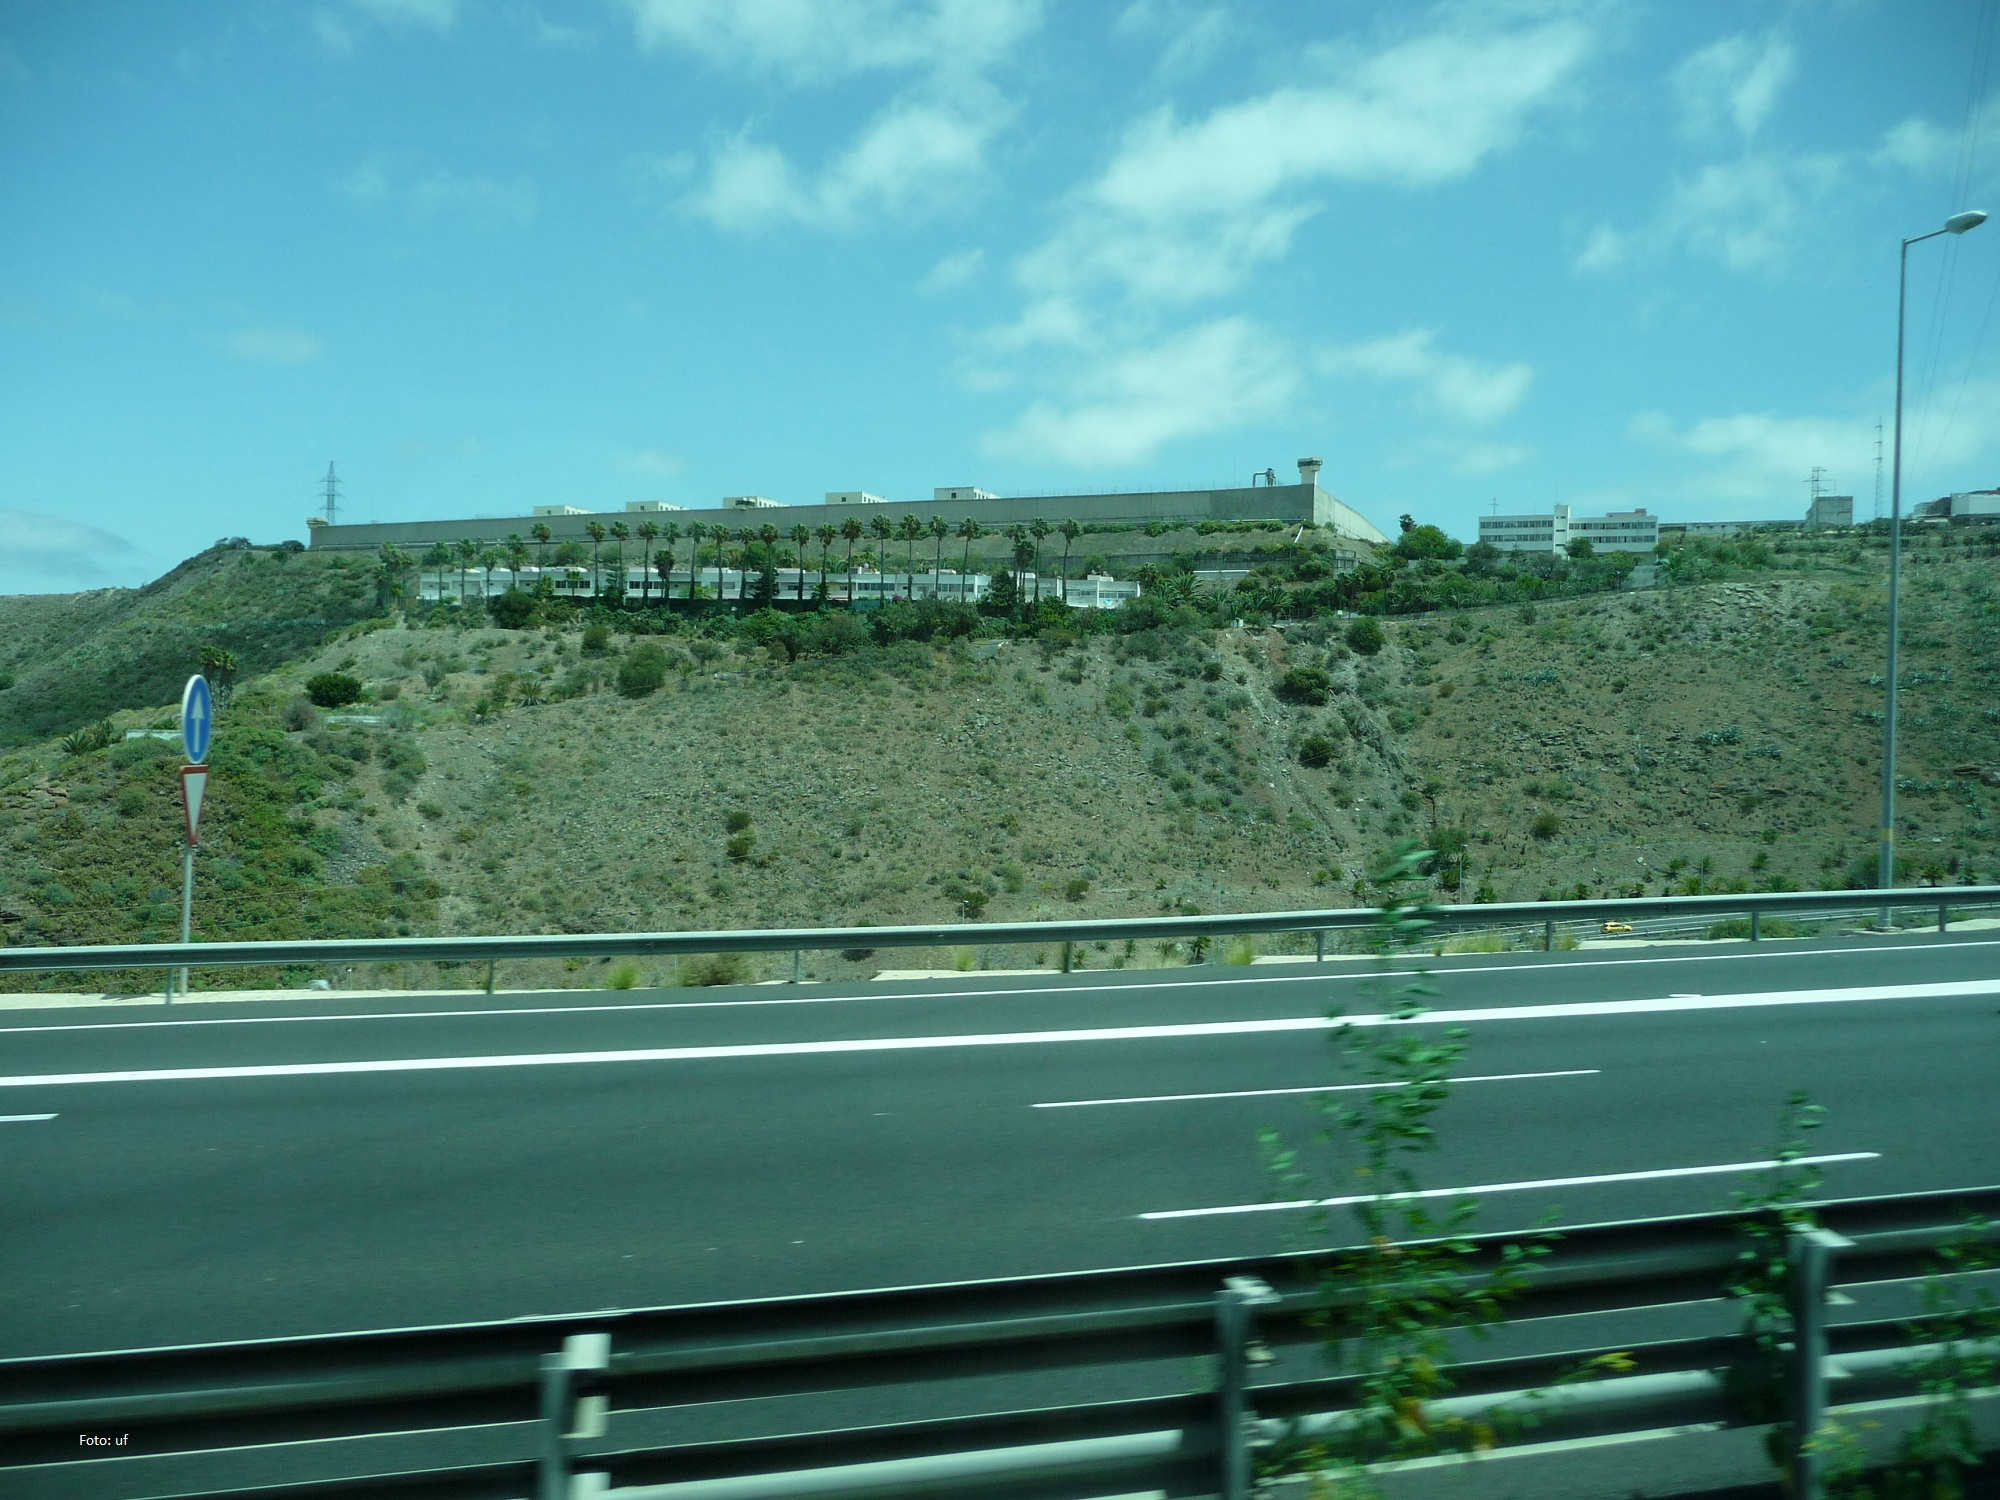 Die Sicherheit auf Gran Canaria ist groß, dennoch gibt es für ein bestimmtes Klientel auch bestimmte Unterkunftsmöglichkeiten - das Gefängnis auf Gran Canaria